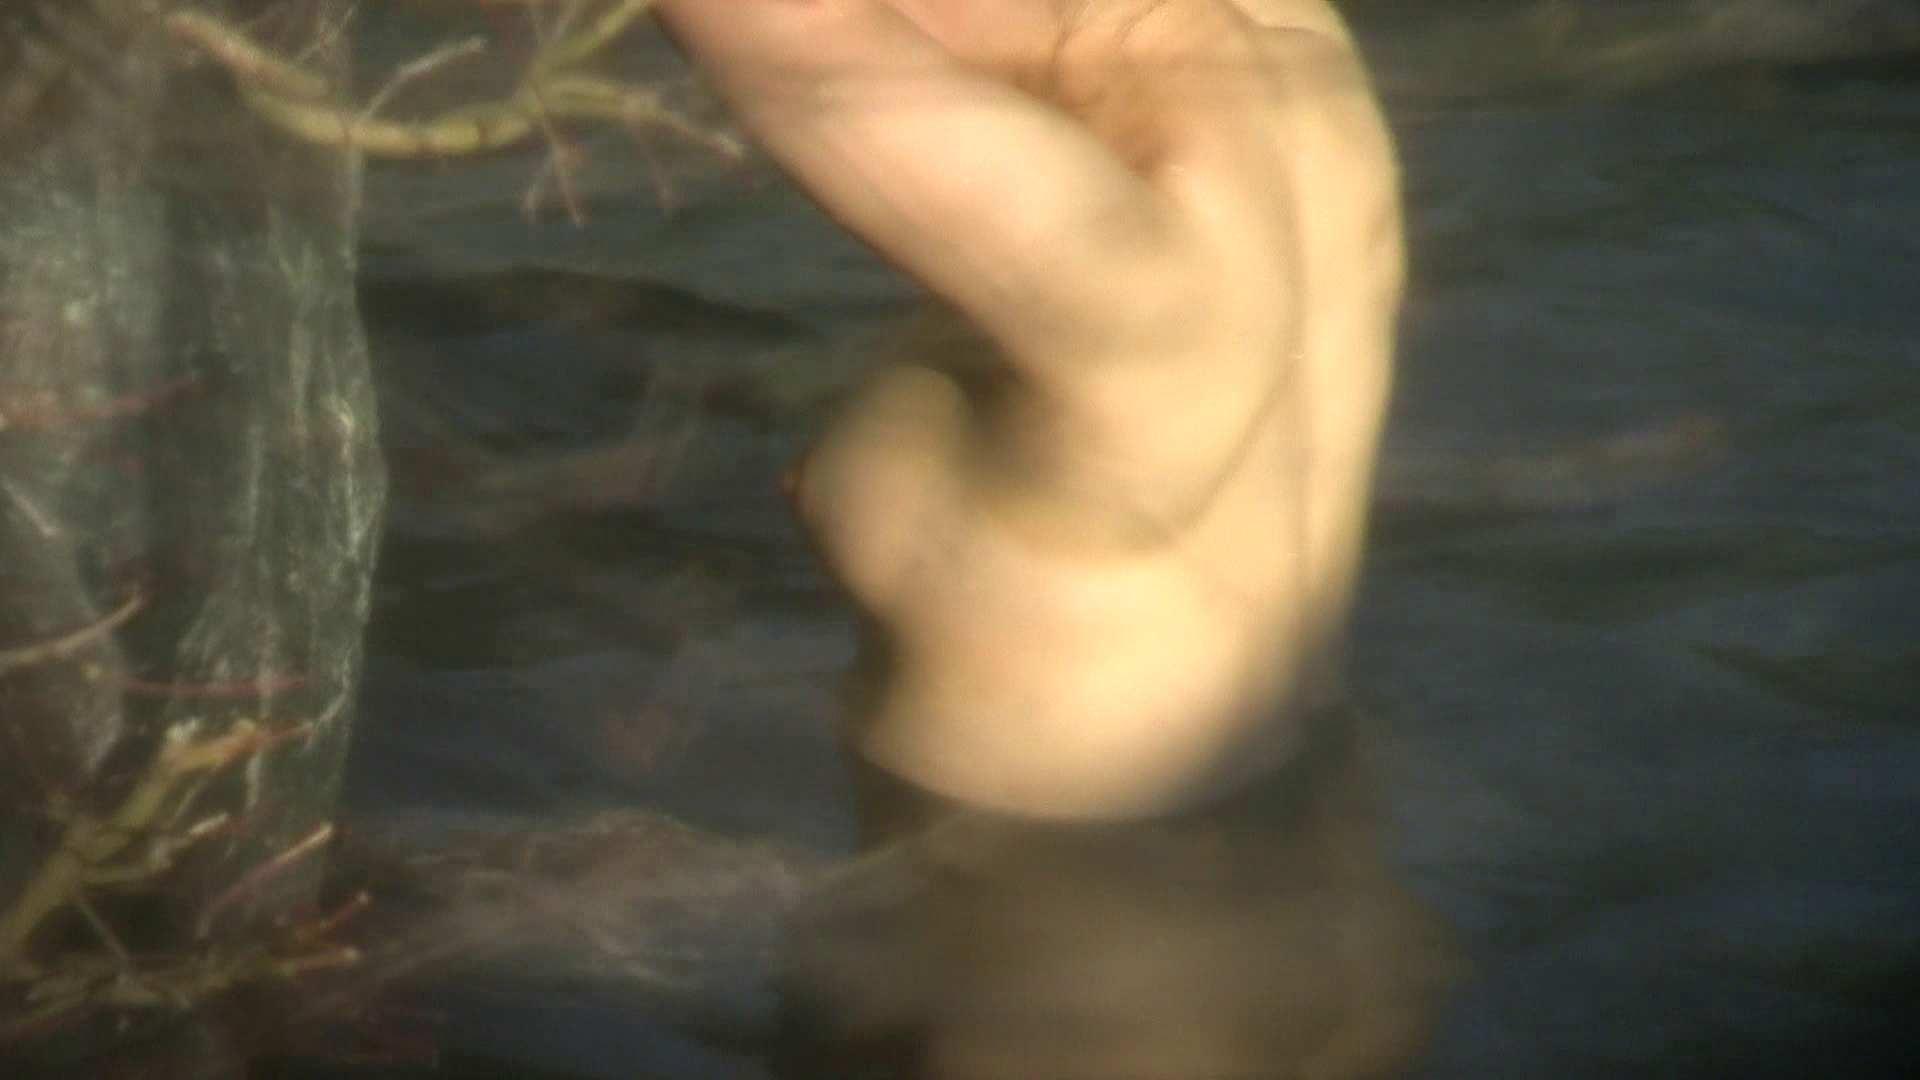 高画質露天女風呂観察 vol.005 ギャル入浴 のぞき動画画像 54連発 39